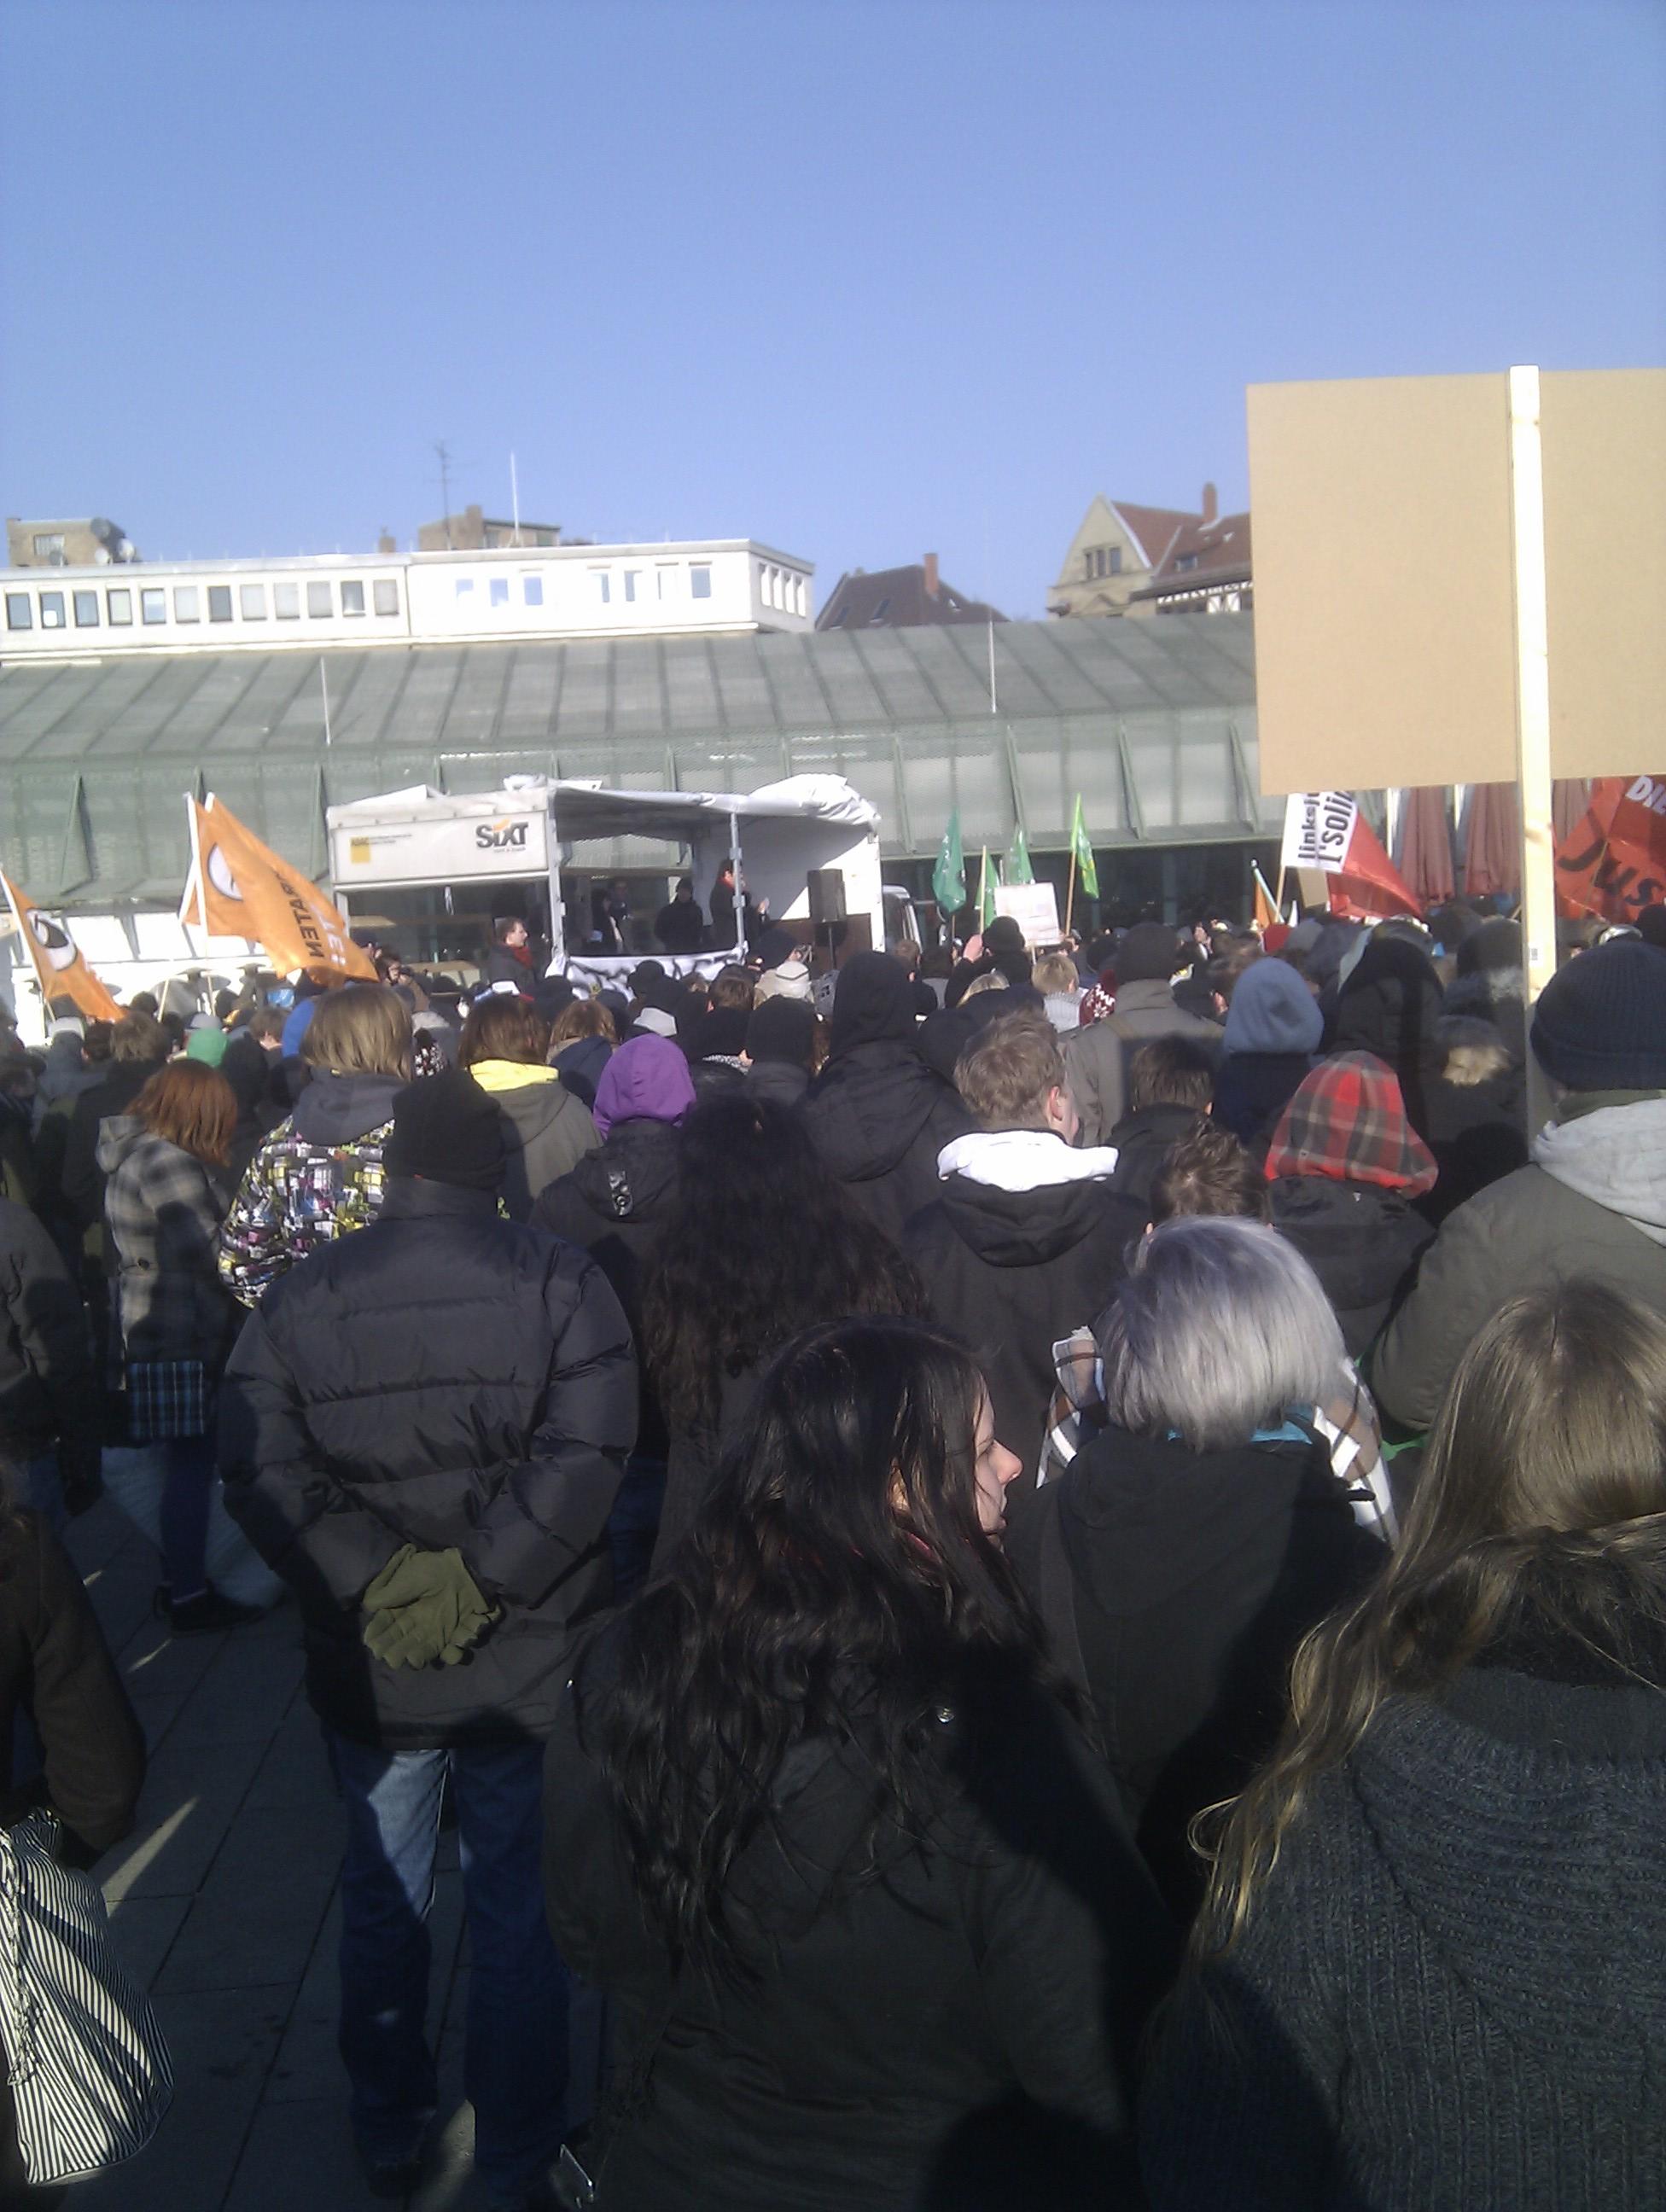 Stopp-Acta-Kundgebung-alte-Feuerwache